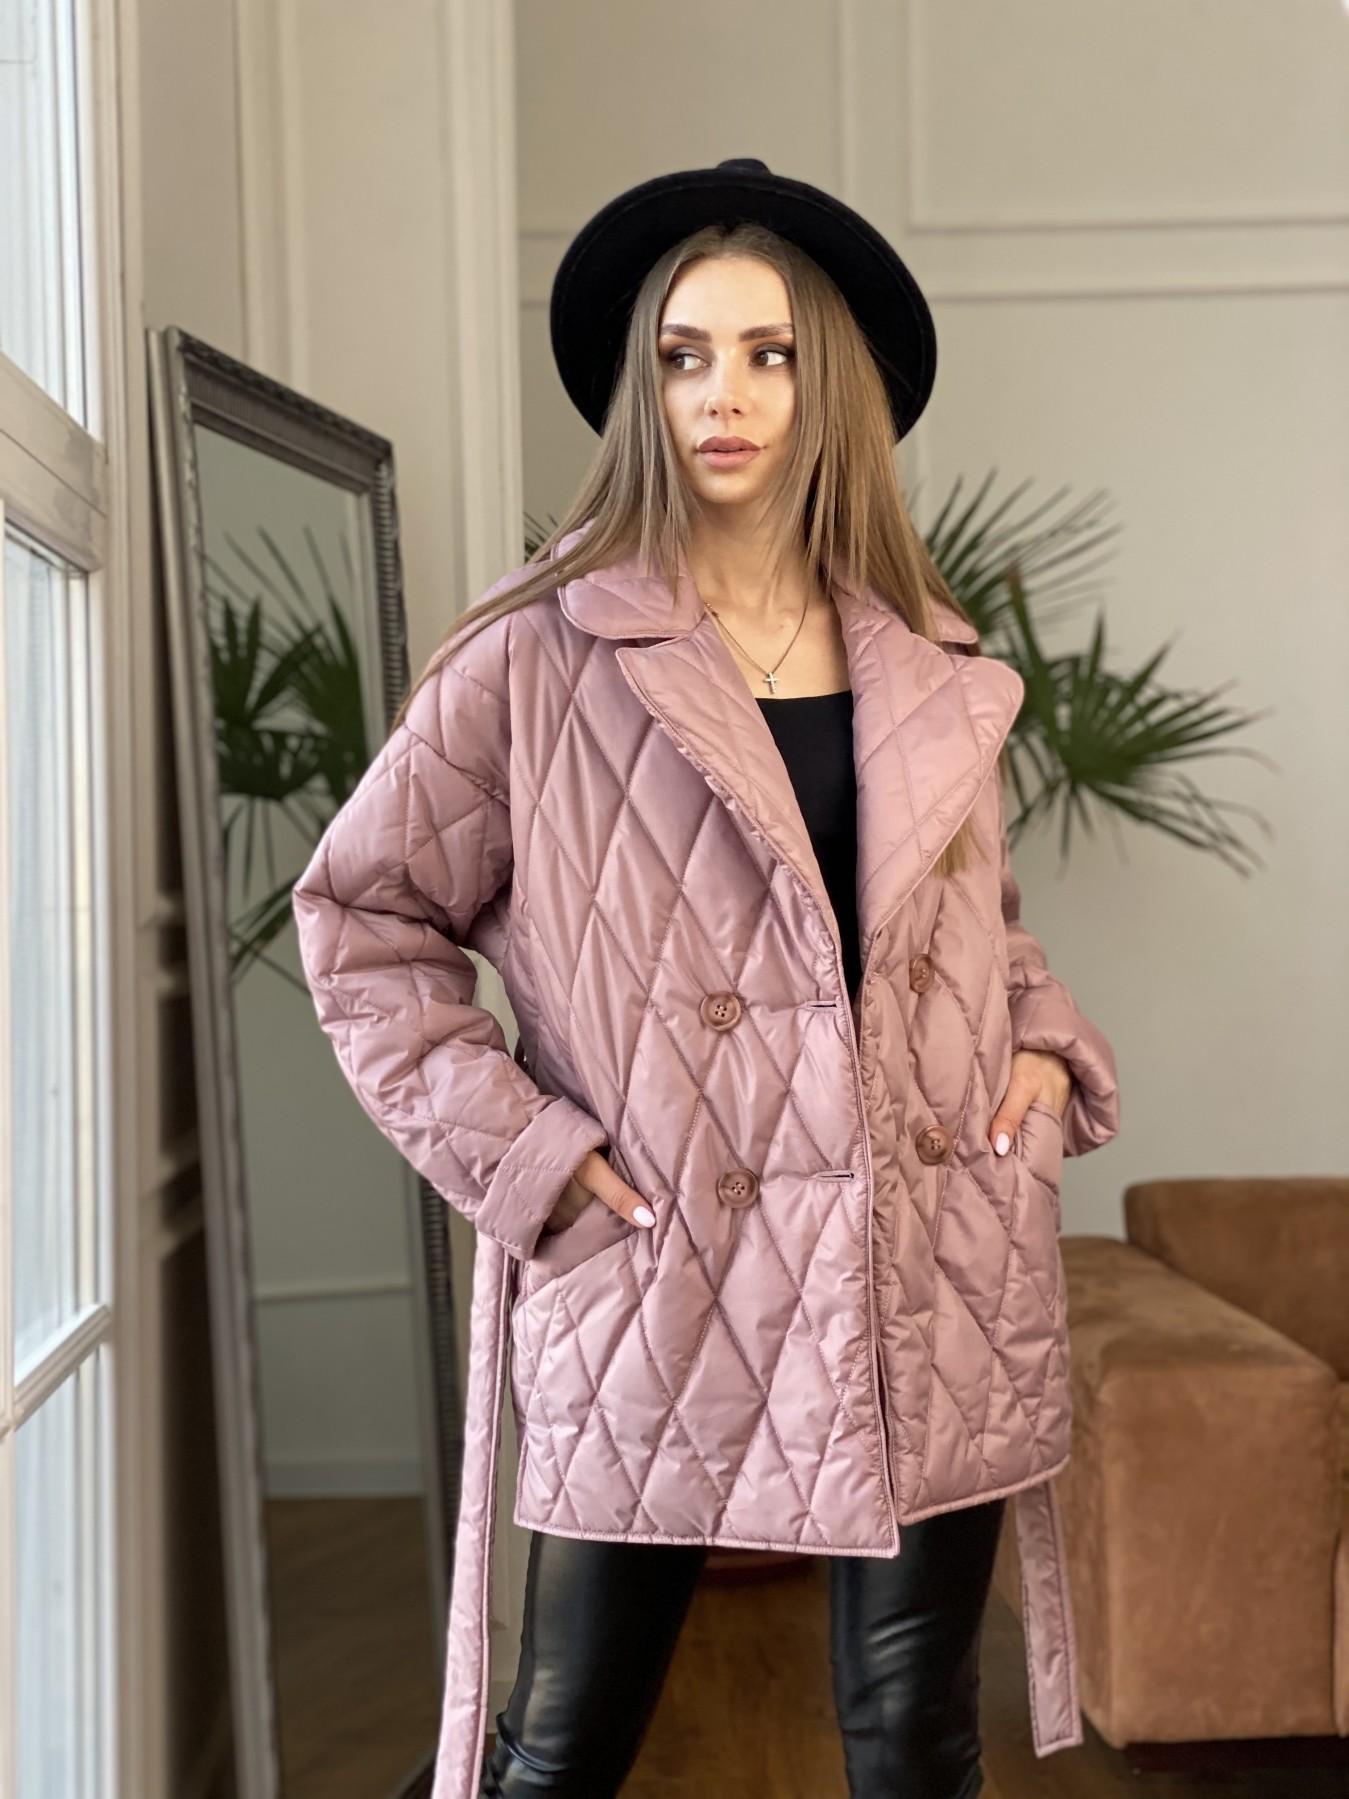 Норд куртка из плащевой ткани стеганая 10883 АРТ. 47465 Цвет: Пудра - фото 8, интернет магазин tm-modus.ru